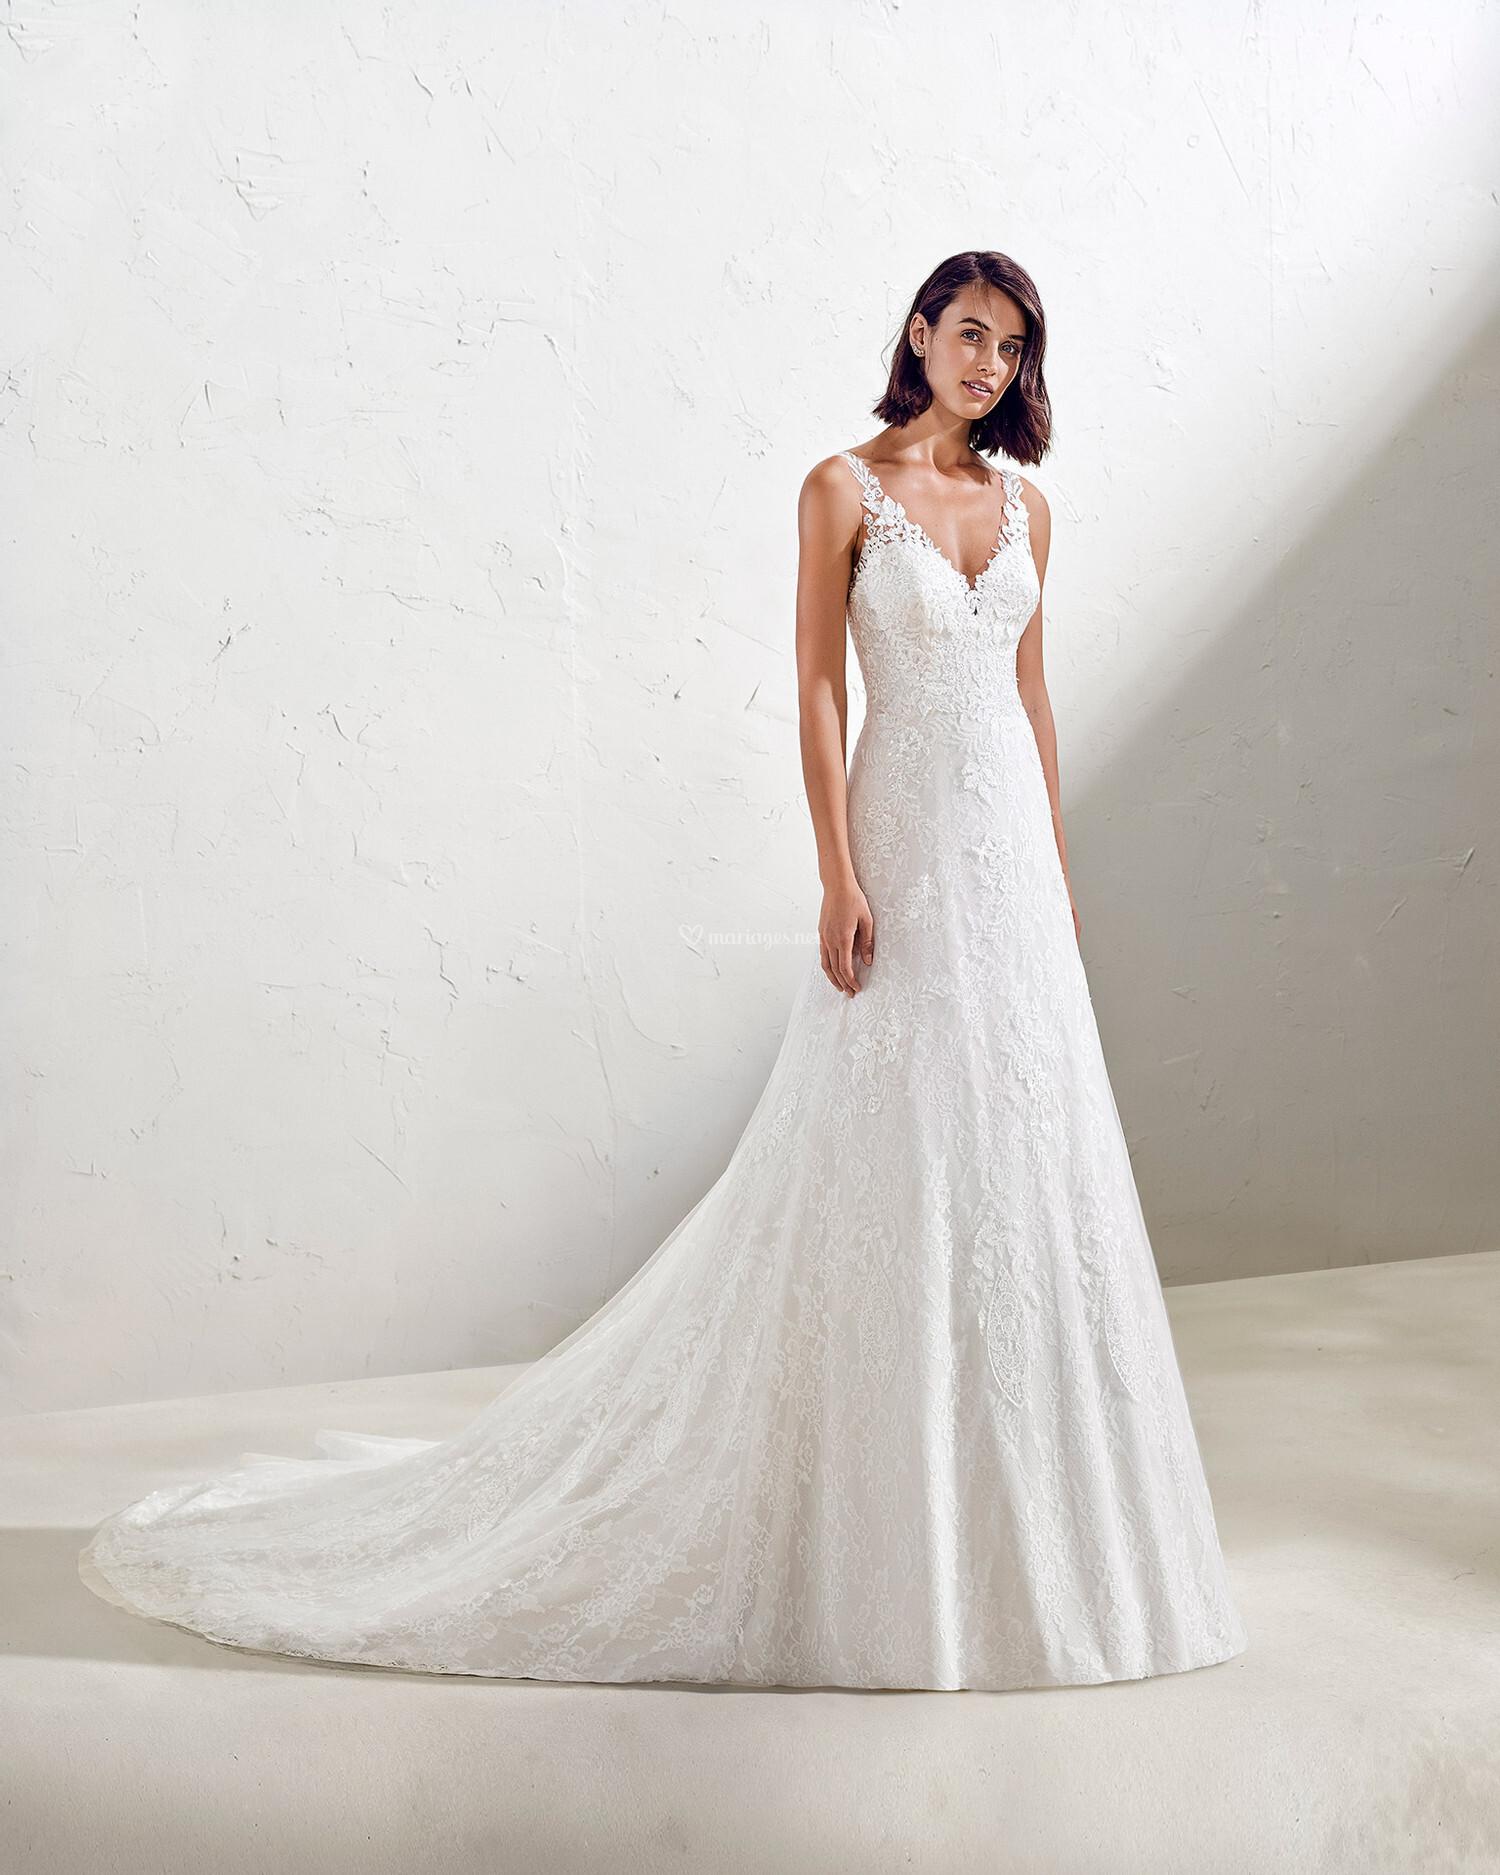 robe fidel adriana alier les mariées du faubourg vernet robes de mariées monteux vaucluse